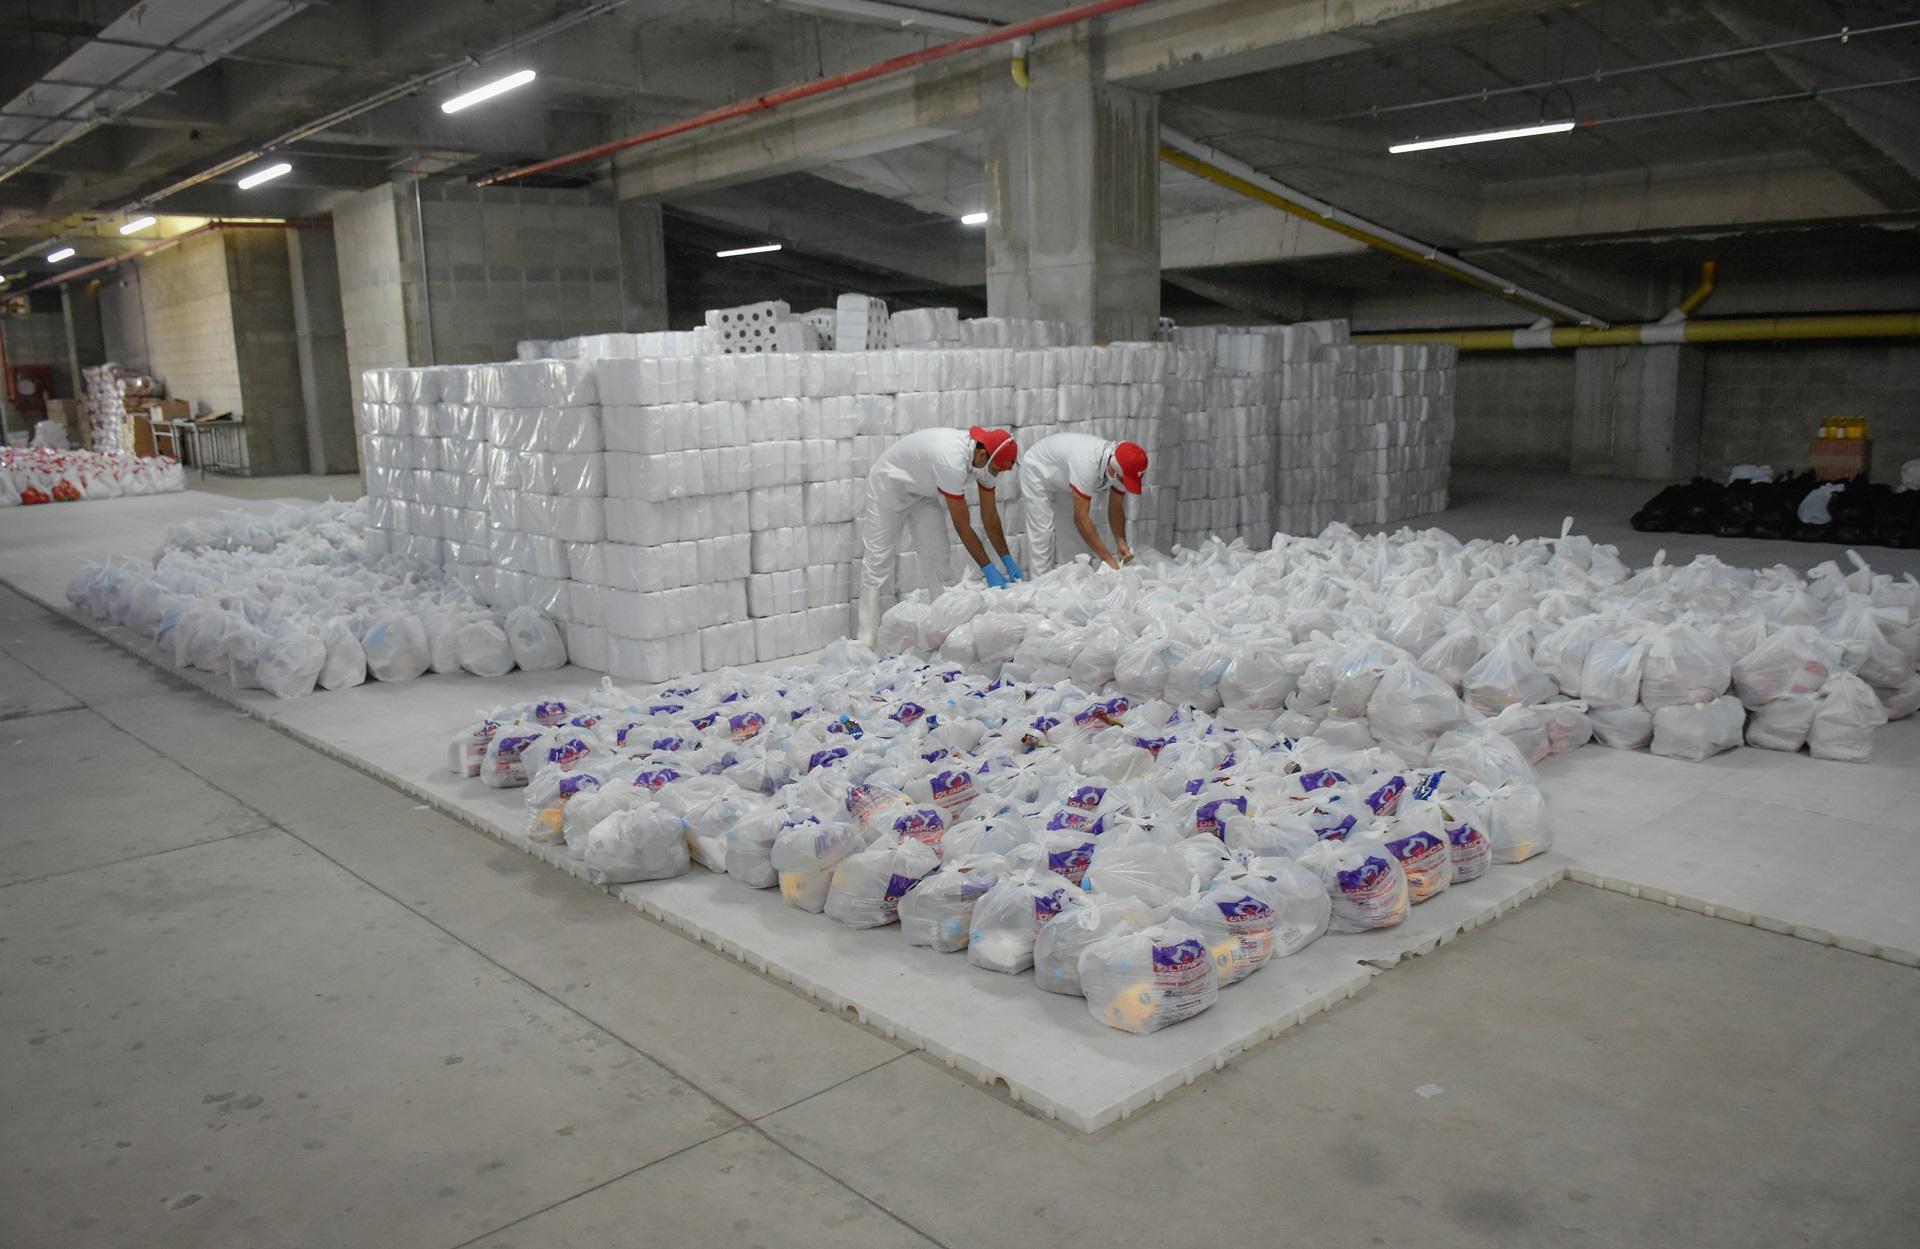 Los empresarios aúnan esfuerzos para brindar el apoyo que se requiere en abastecimiento de alimentos o en suministros médicos del sector salud.